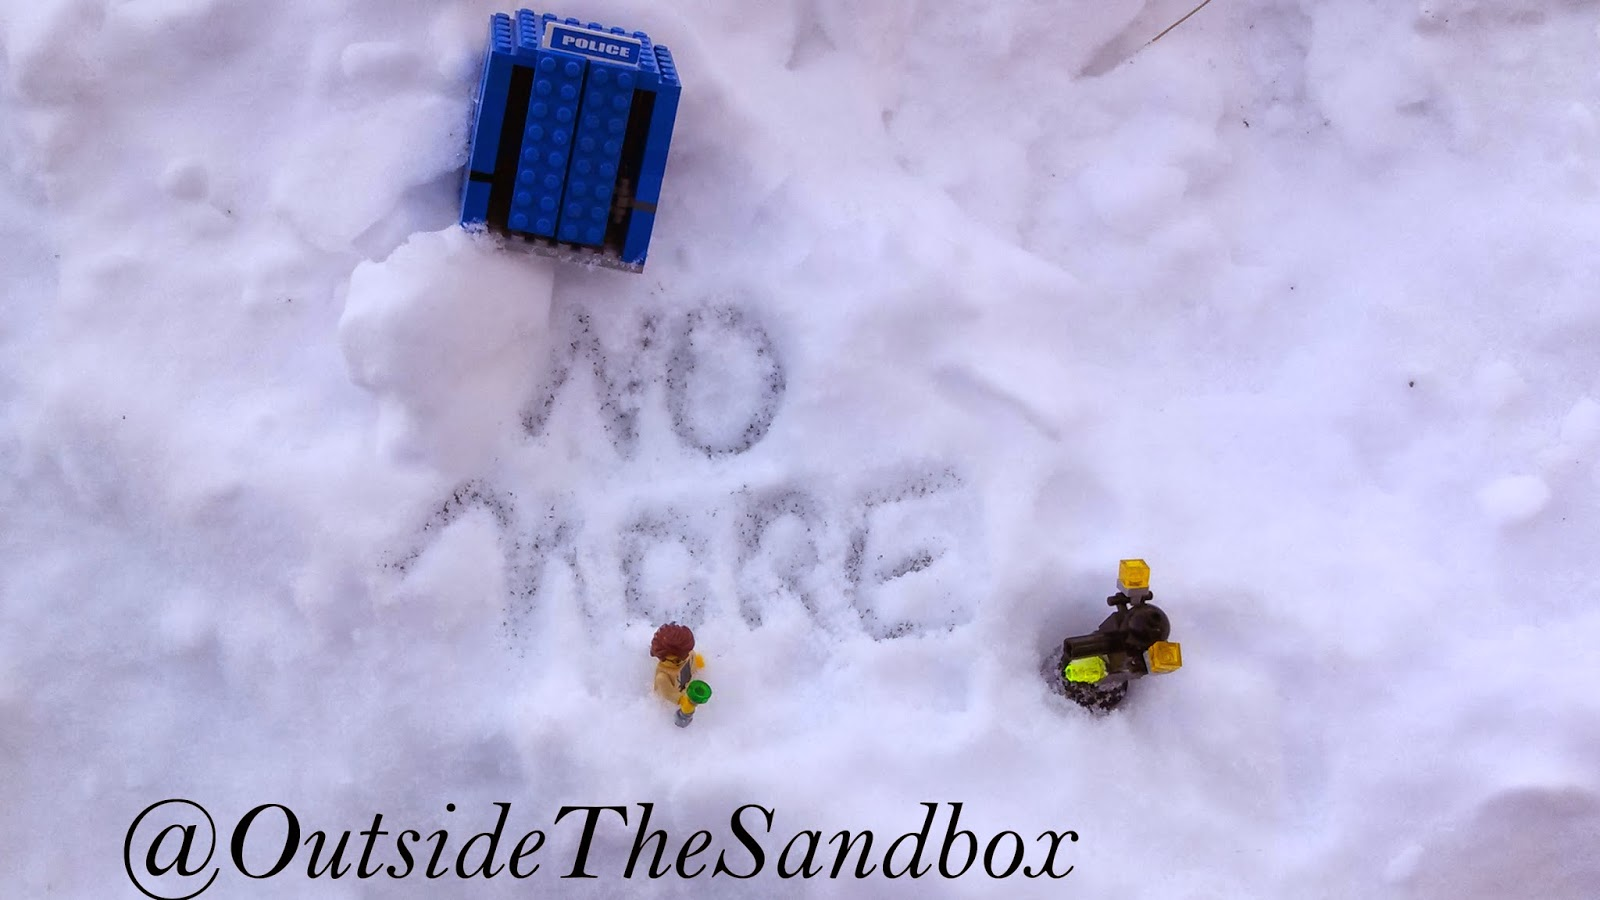 Outside The Sandbox